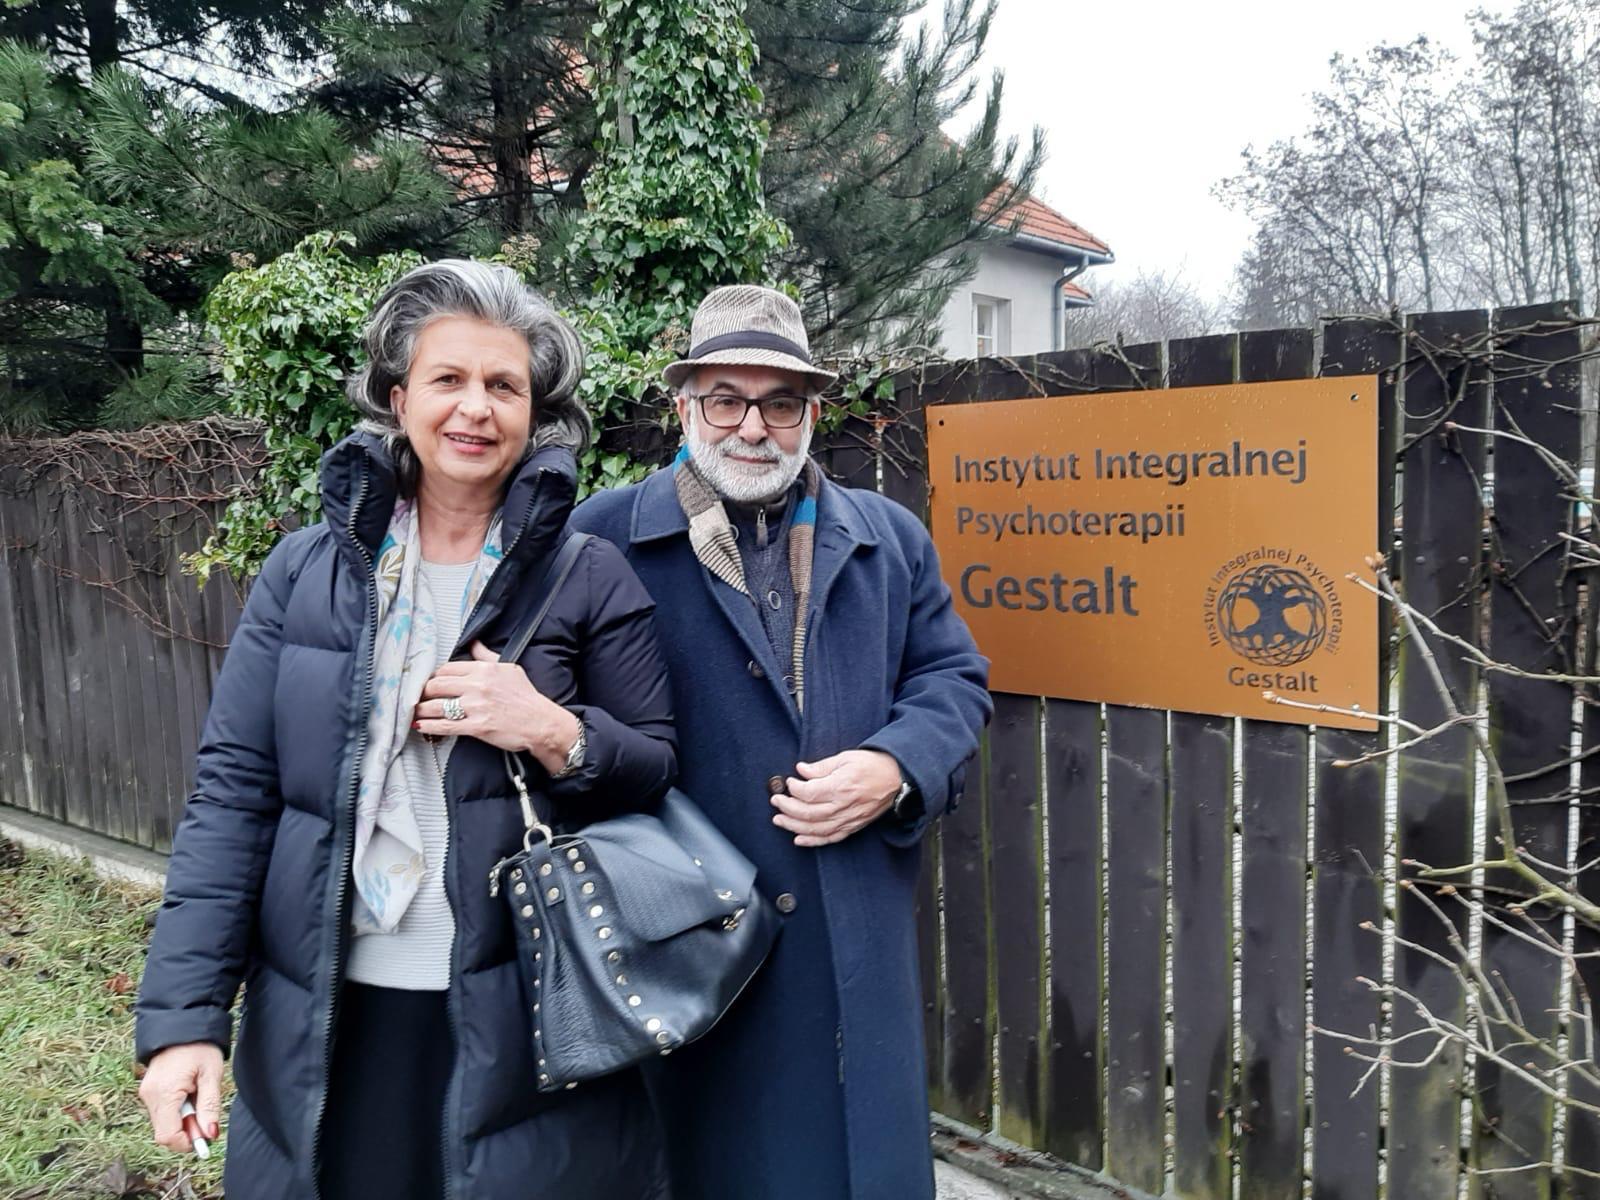 Szkoła Terapii Rodzin Gestalt Valeria Conte i Giovanni Salonia